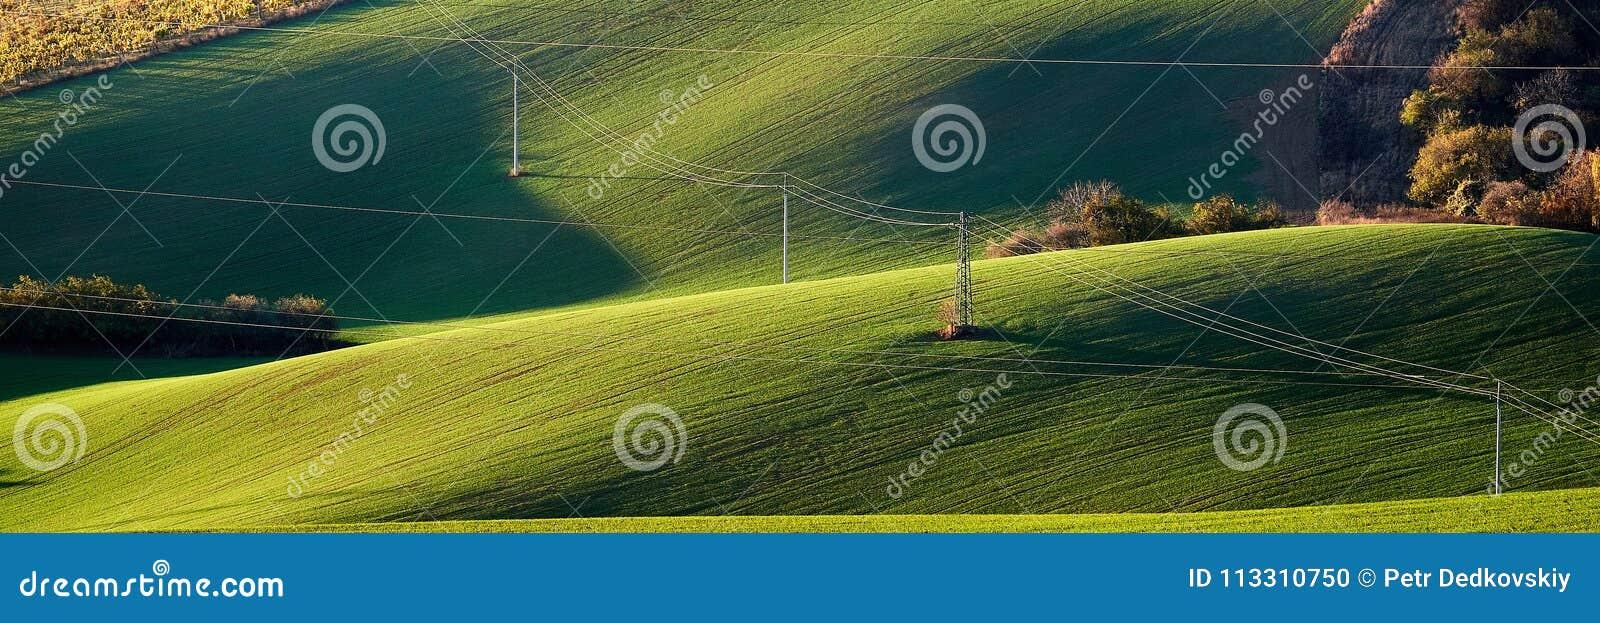 Elektryczność linie energetyczne na zielonych wzgórzach iluminujących wieczór słońcem i pilon Południe Morawscy cesky krumlov rep